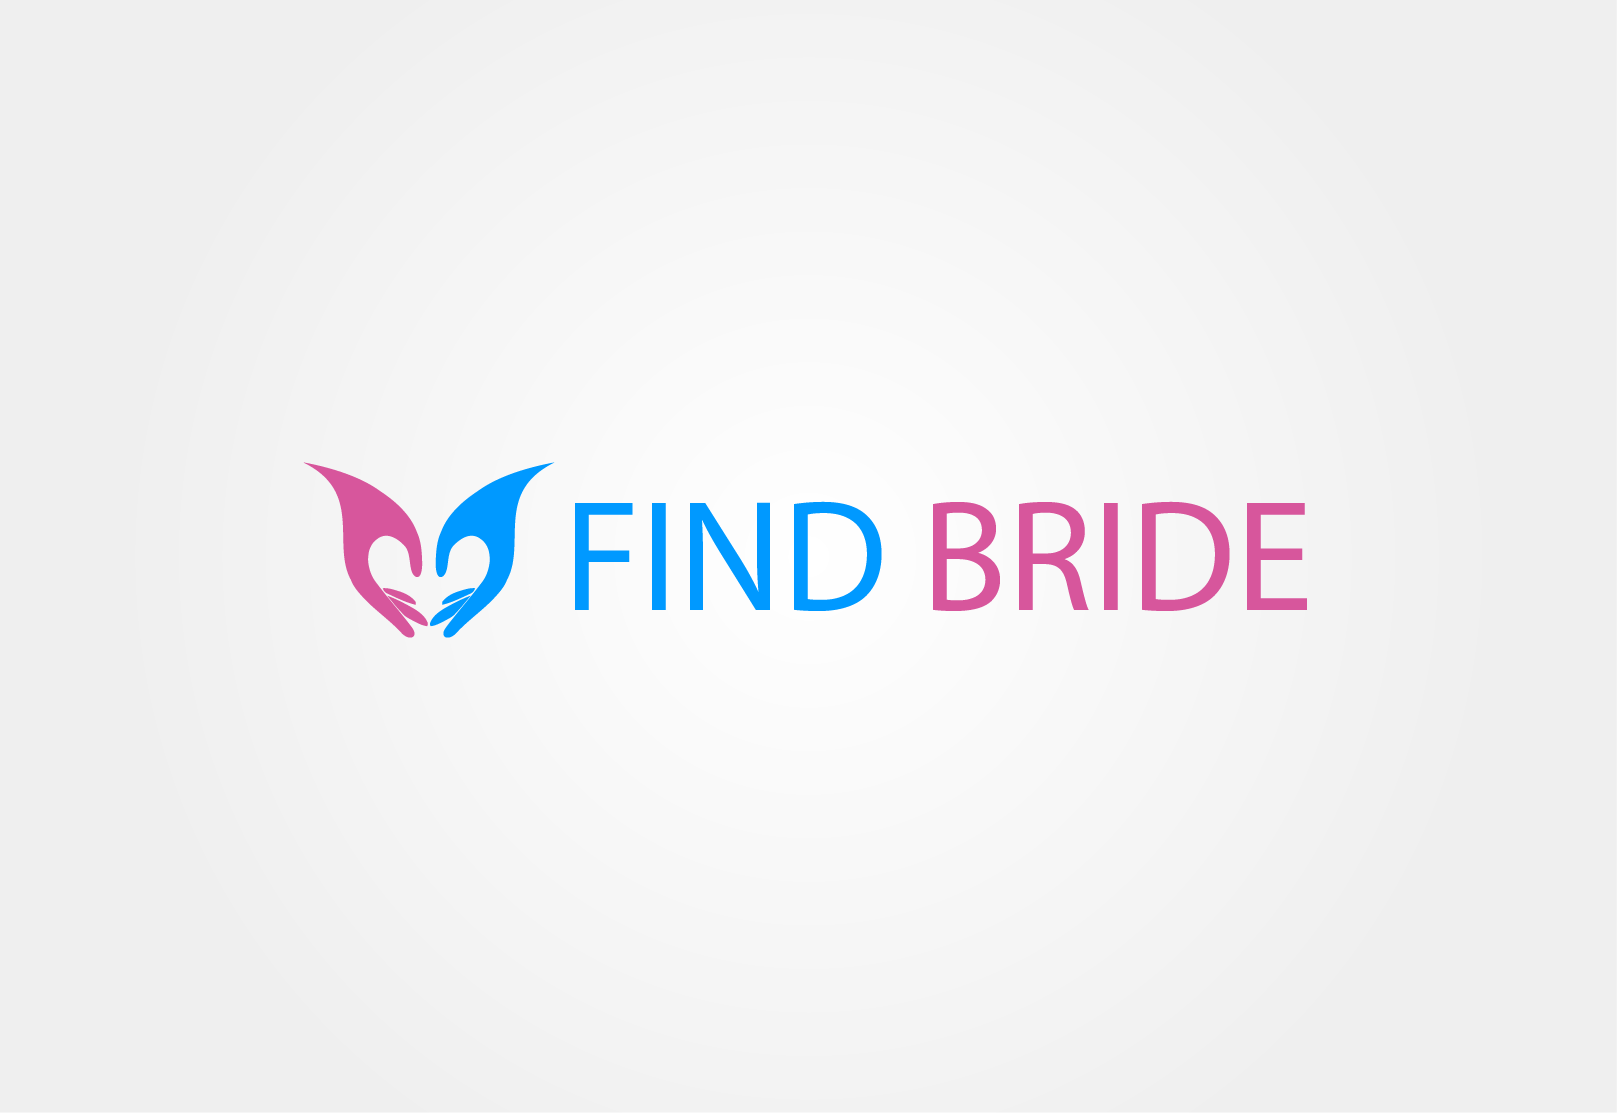 Нарисовать логотип сайта знакомств фото f_5145accdabe17813.png